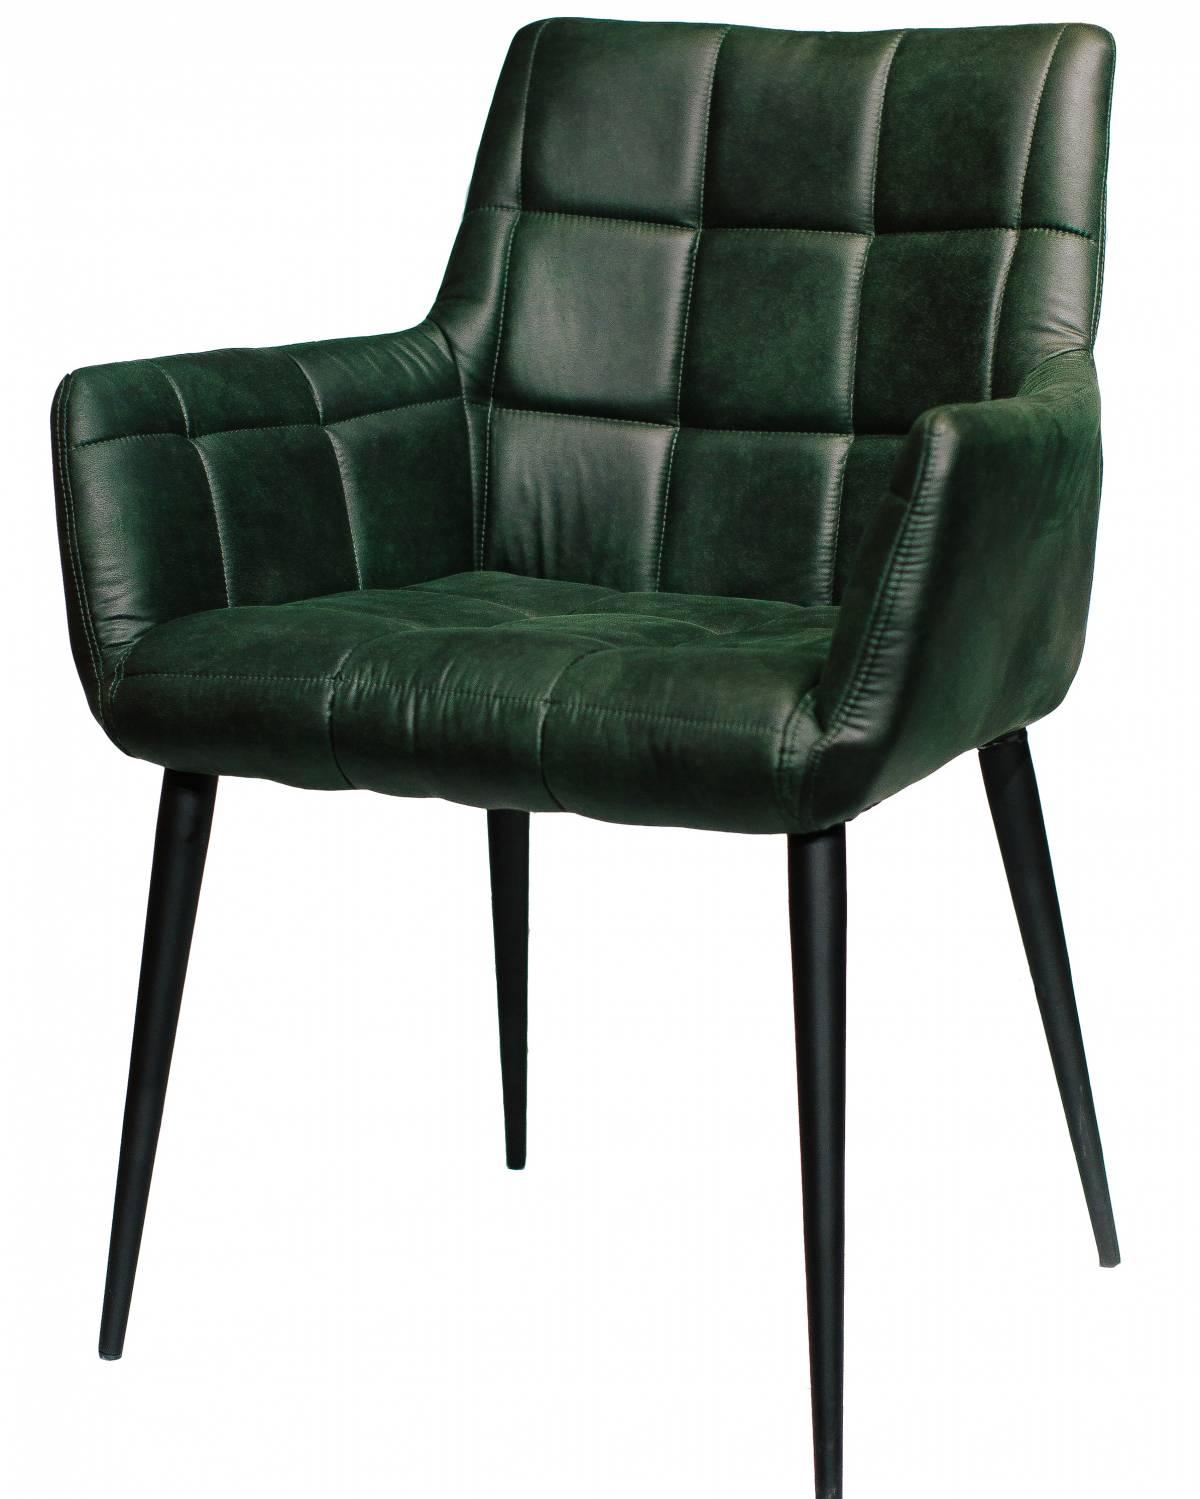 Металлический стул Jackwood West экокожа в Raroom